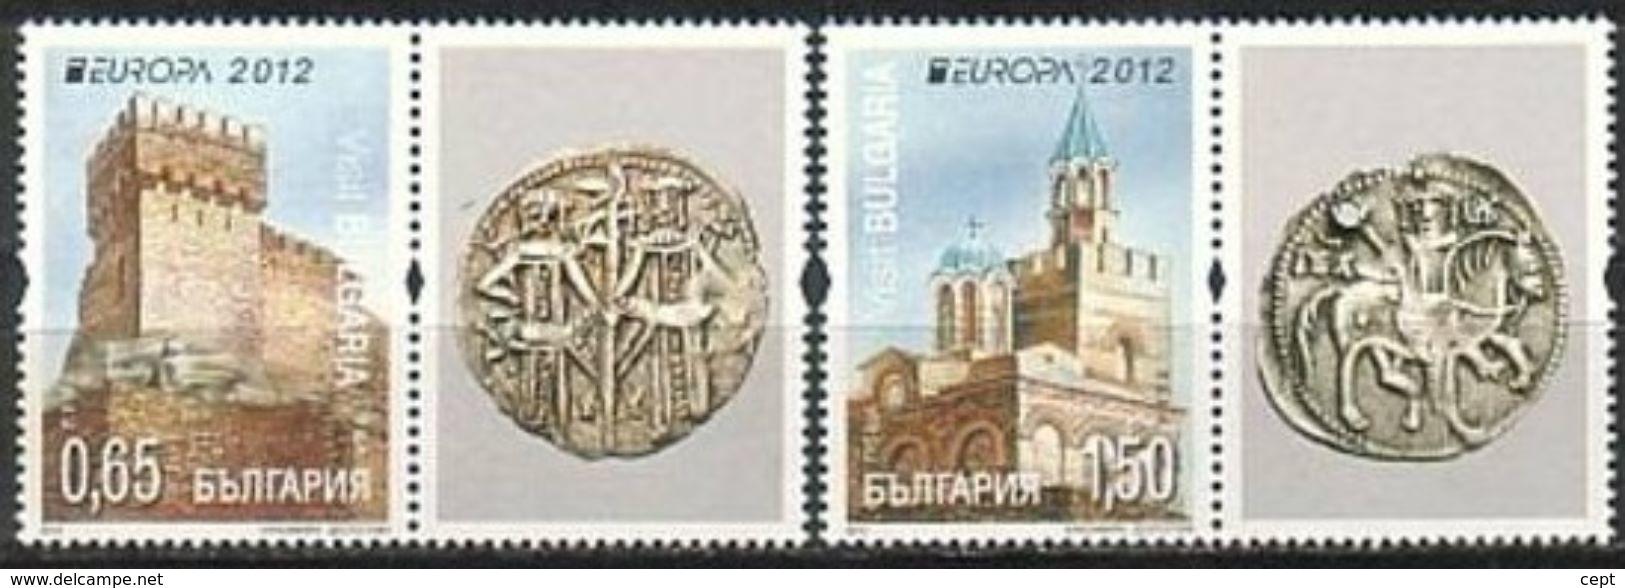 Bulgaria 2012  - Europa Cept - Set With Vignettes  MNH** - 2012